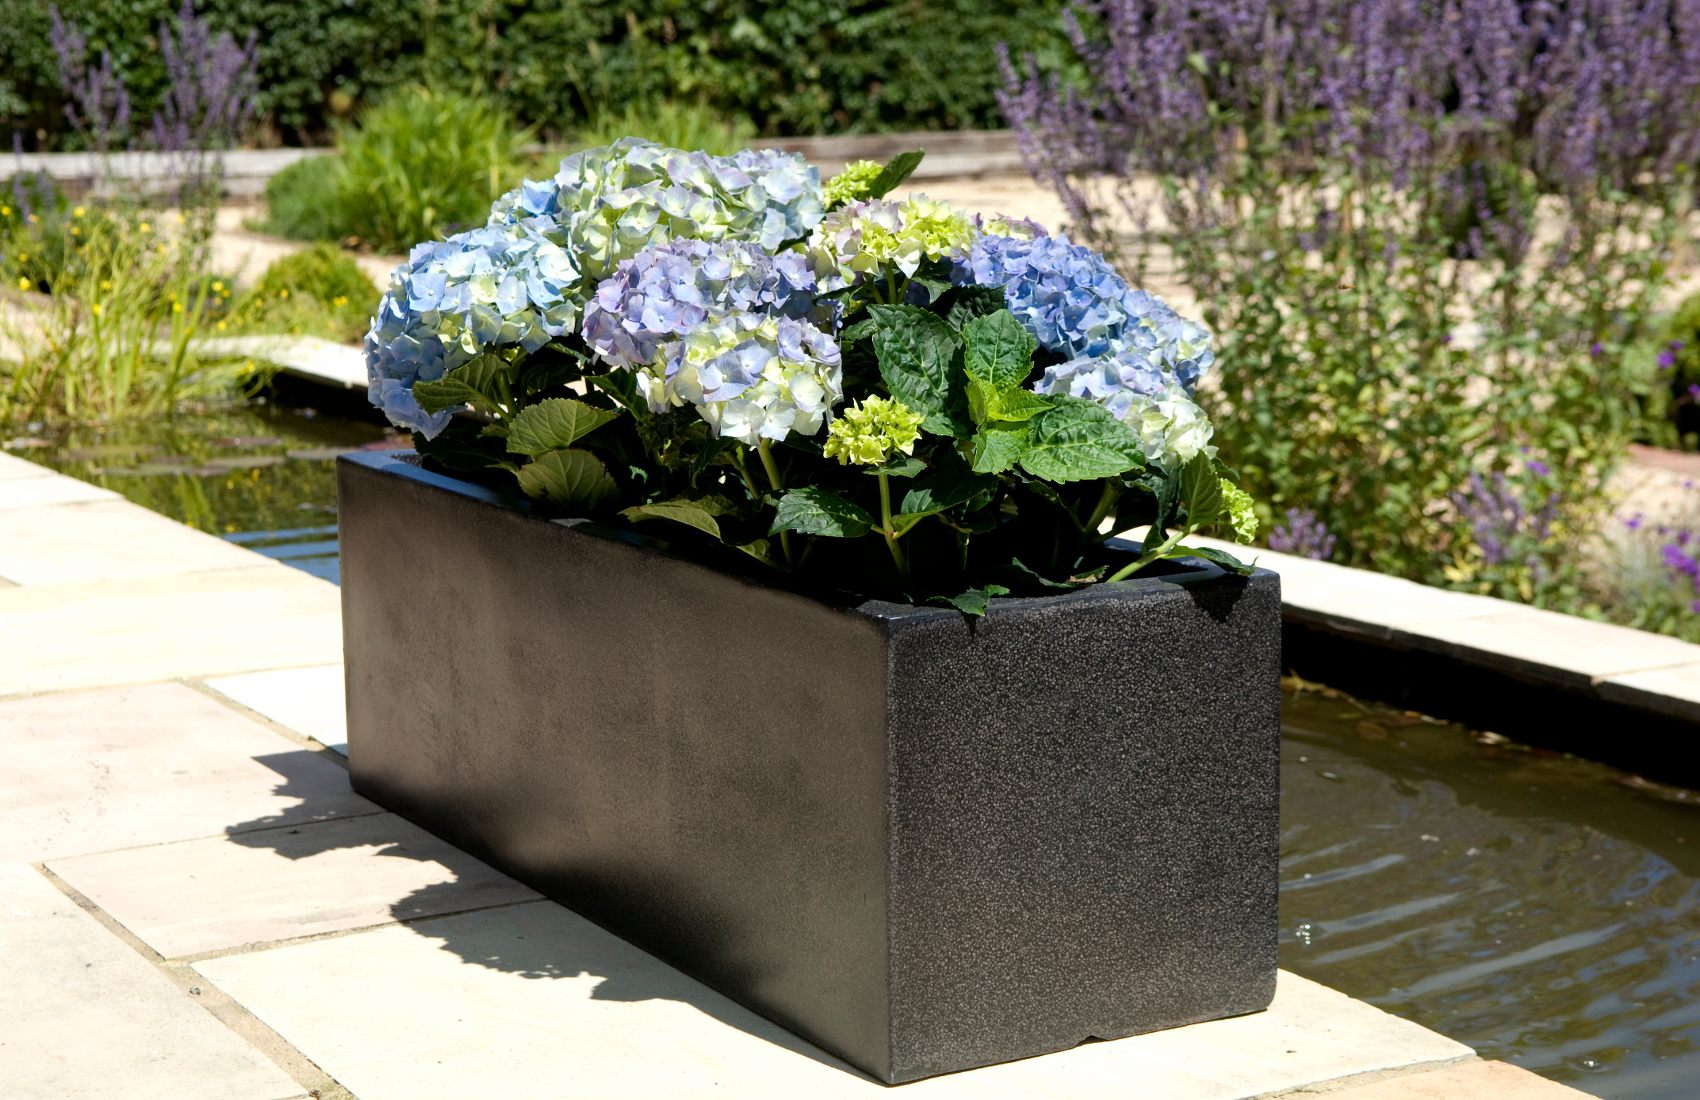 Chậu  trồng cây chử nhật tăng thêm vẻ đẹp trang nhã cho khu vườn